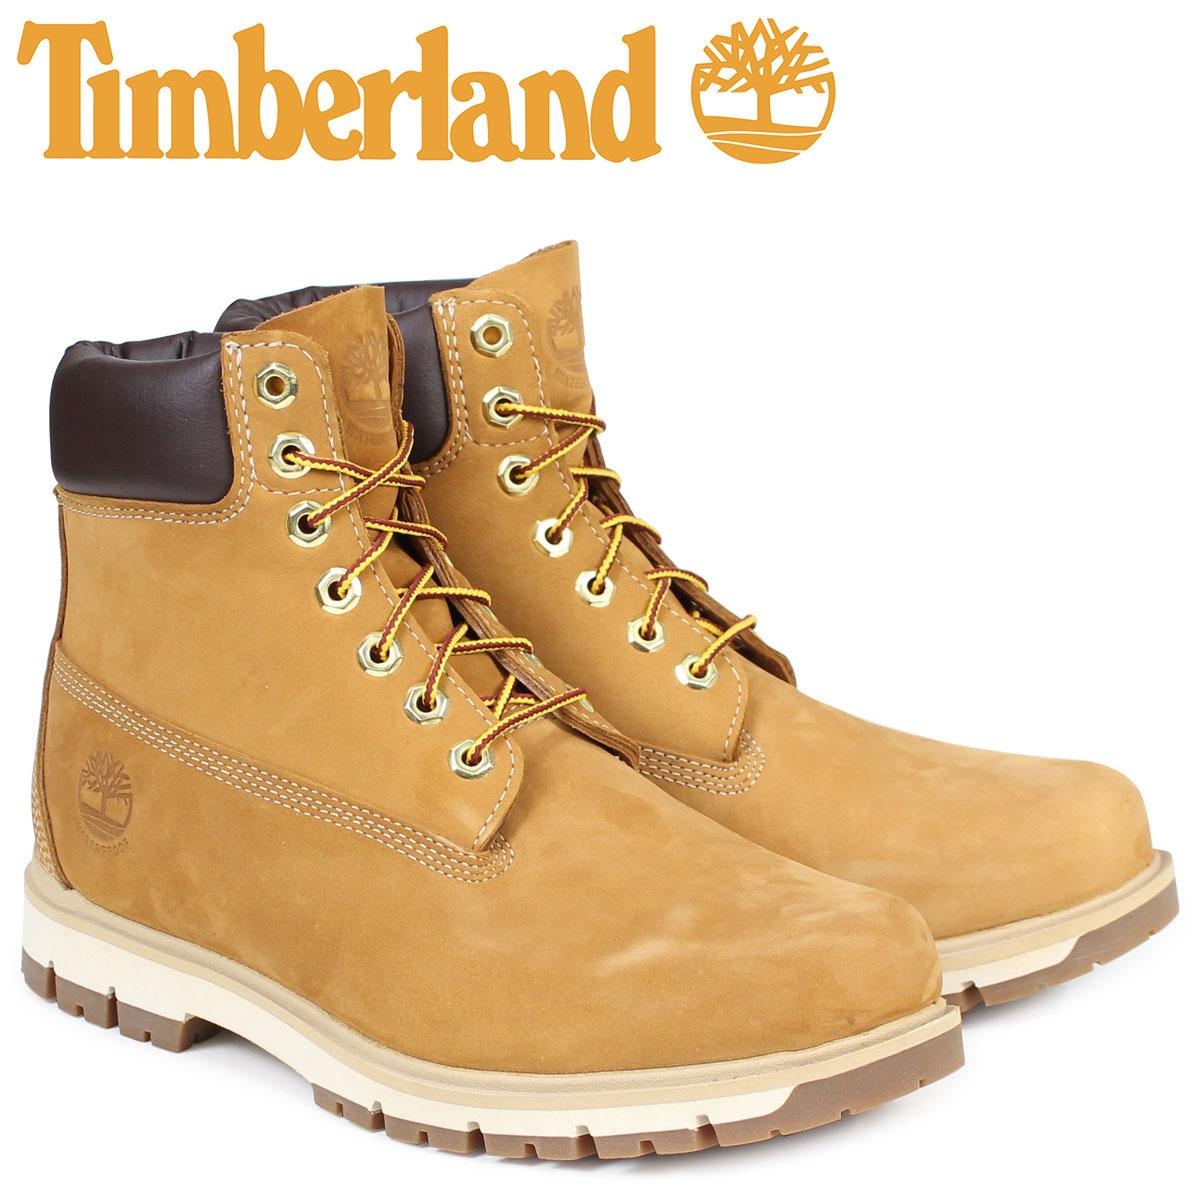 Timberland ティンバーランド ブーツ メンズ 6インチ RADFORD 6INCH PREMIUM BOOT A1JHF ウォータープルーフ Wワイズ 防水 ブラウン